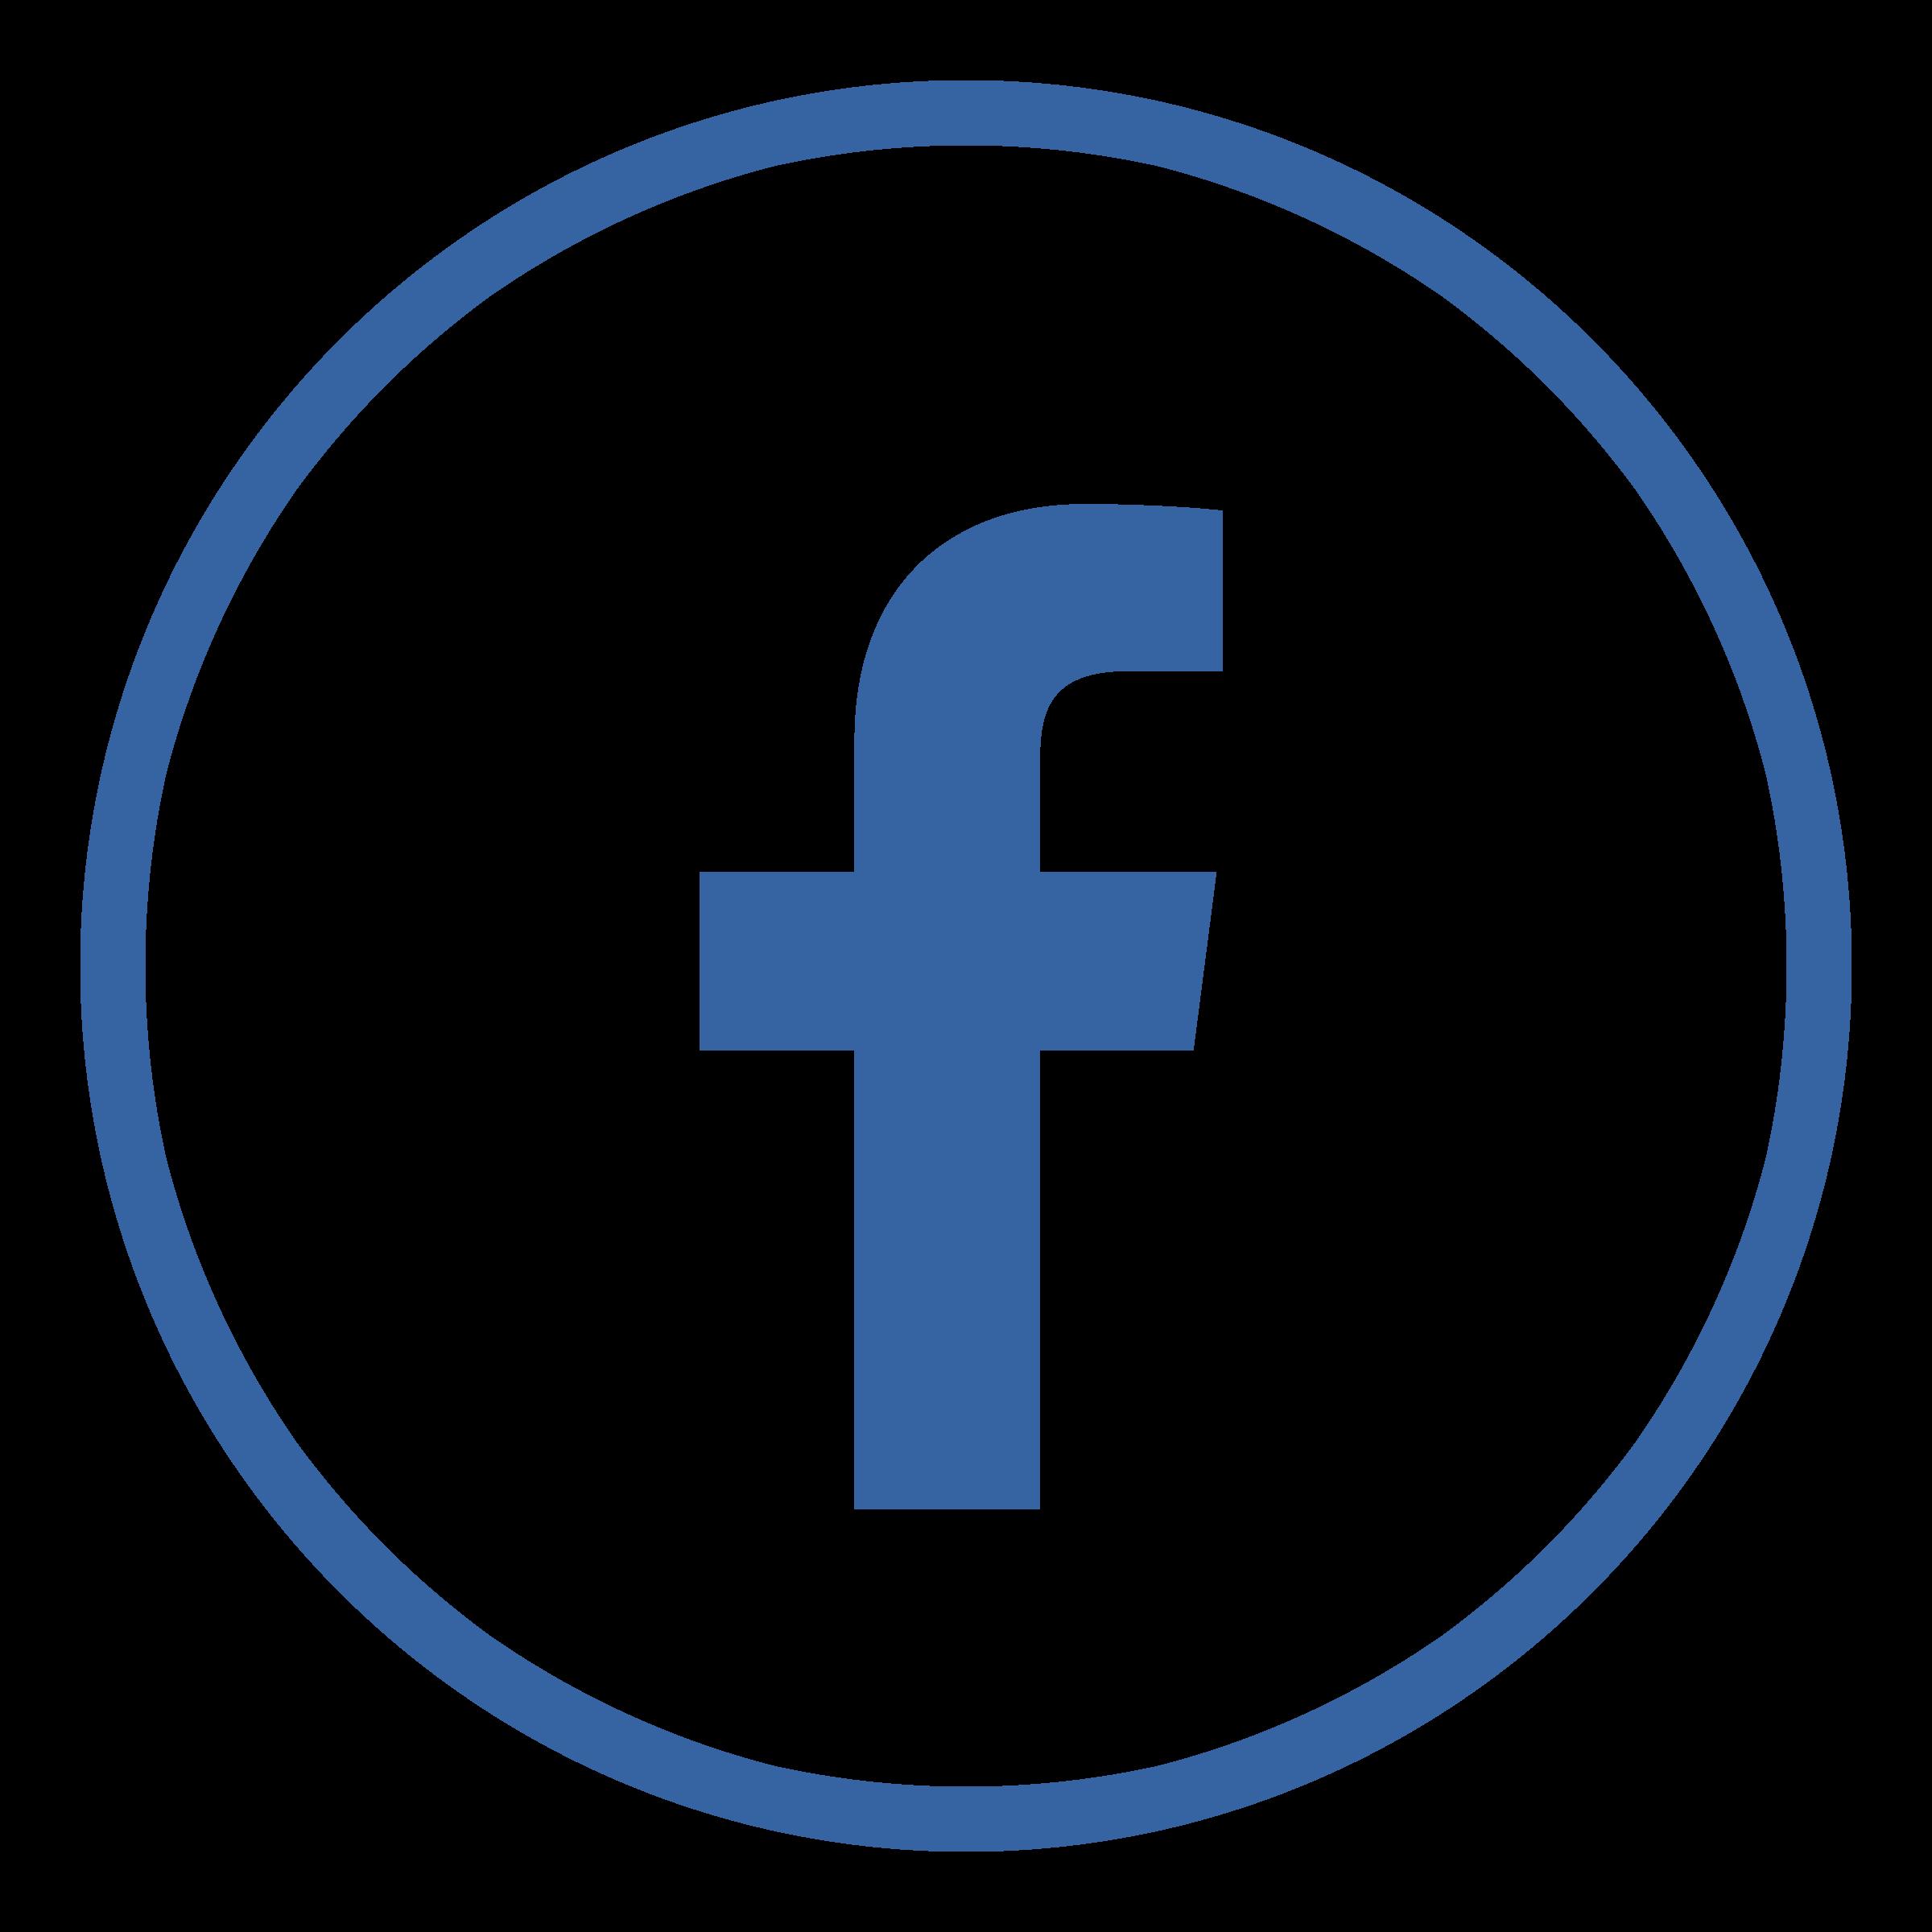 facebook logo png transparent amp svg vector freebie supply